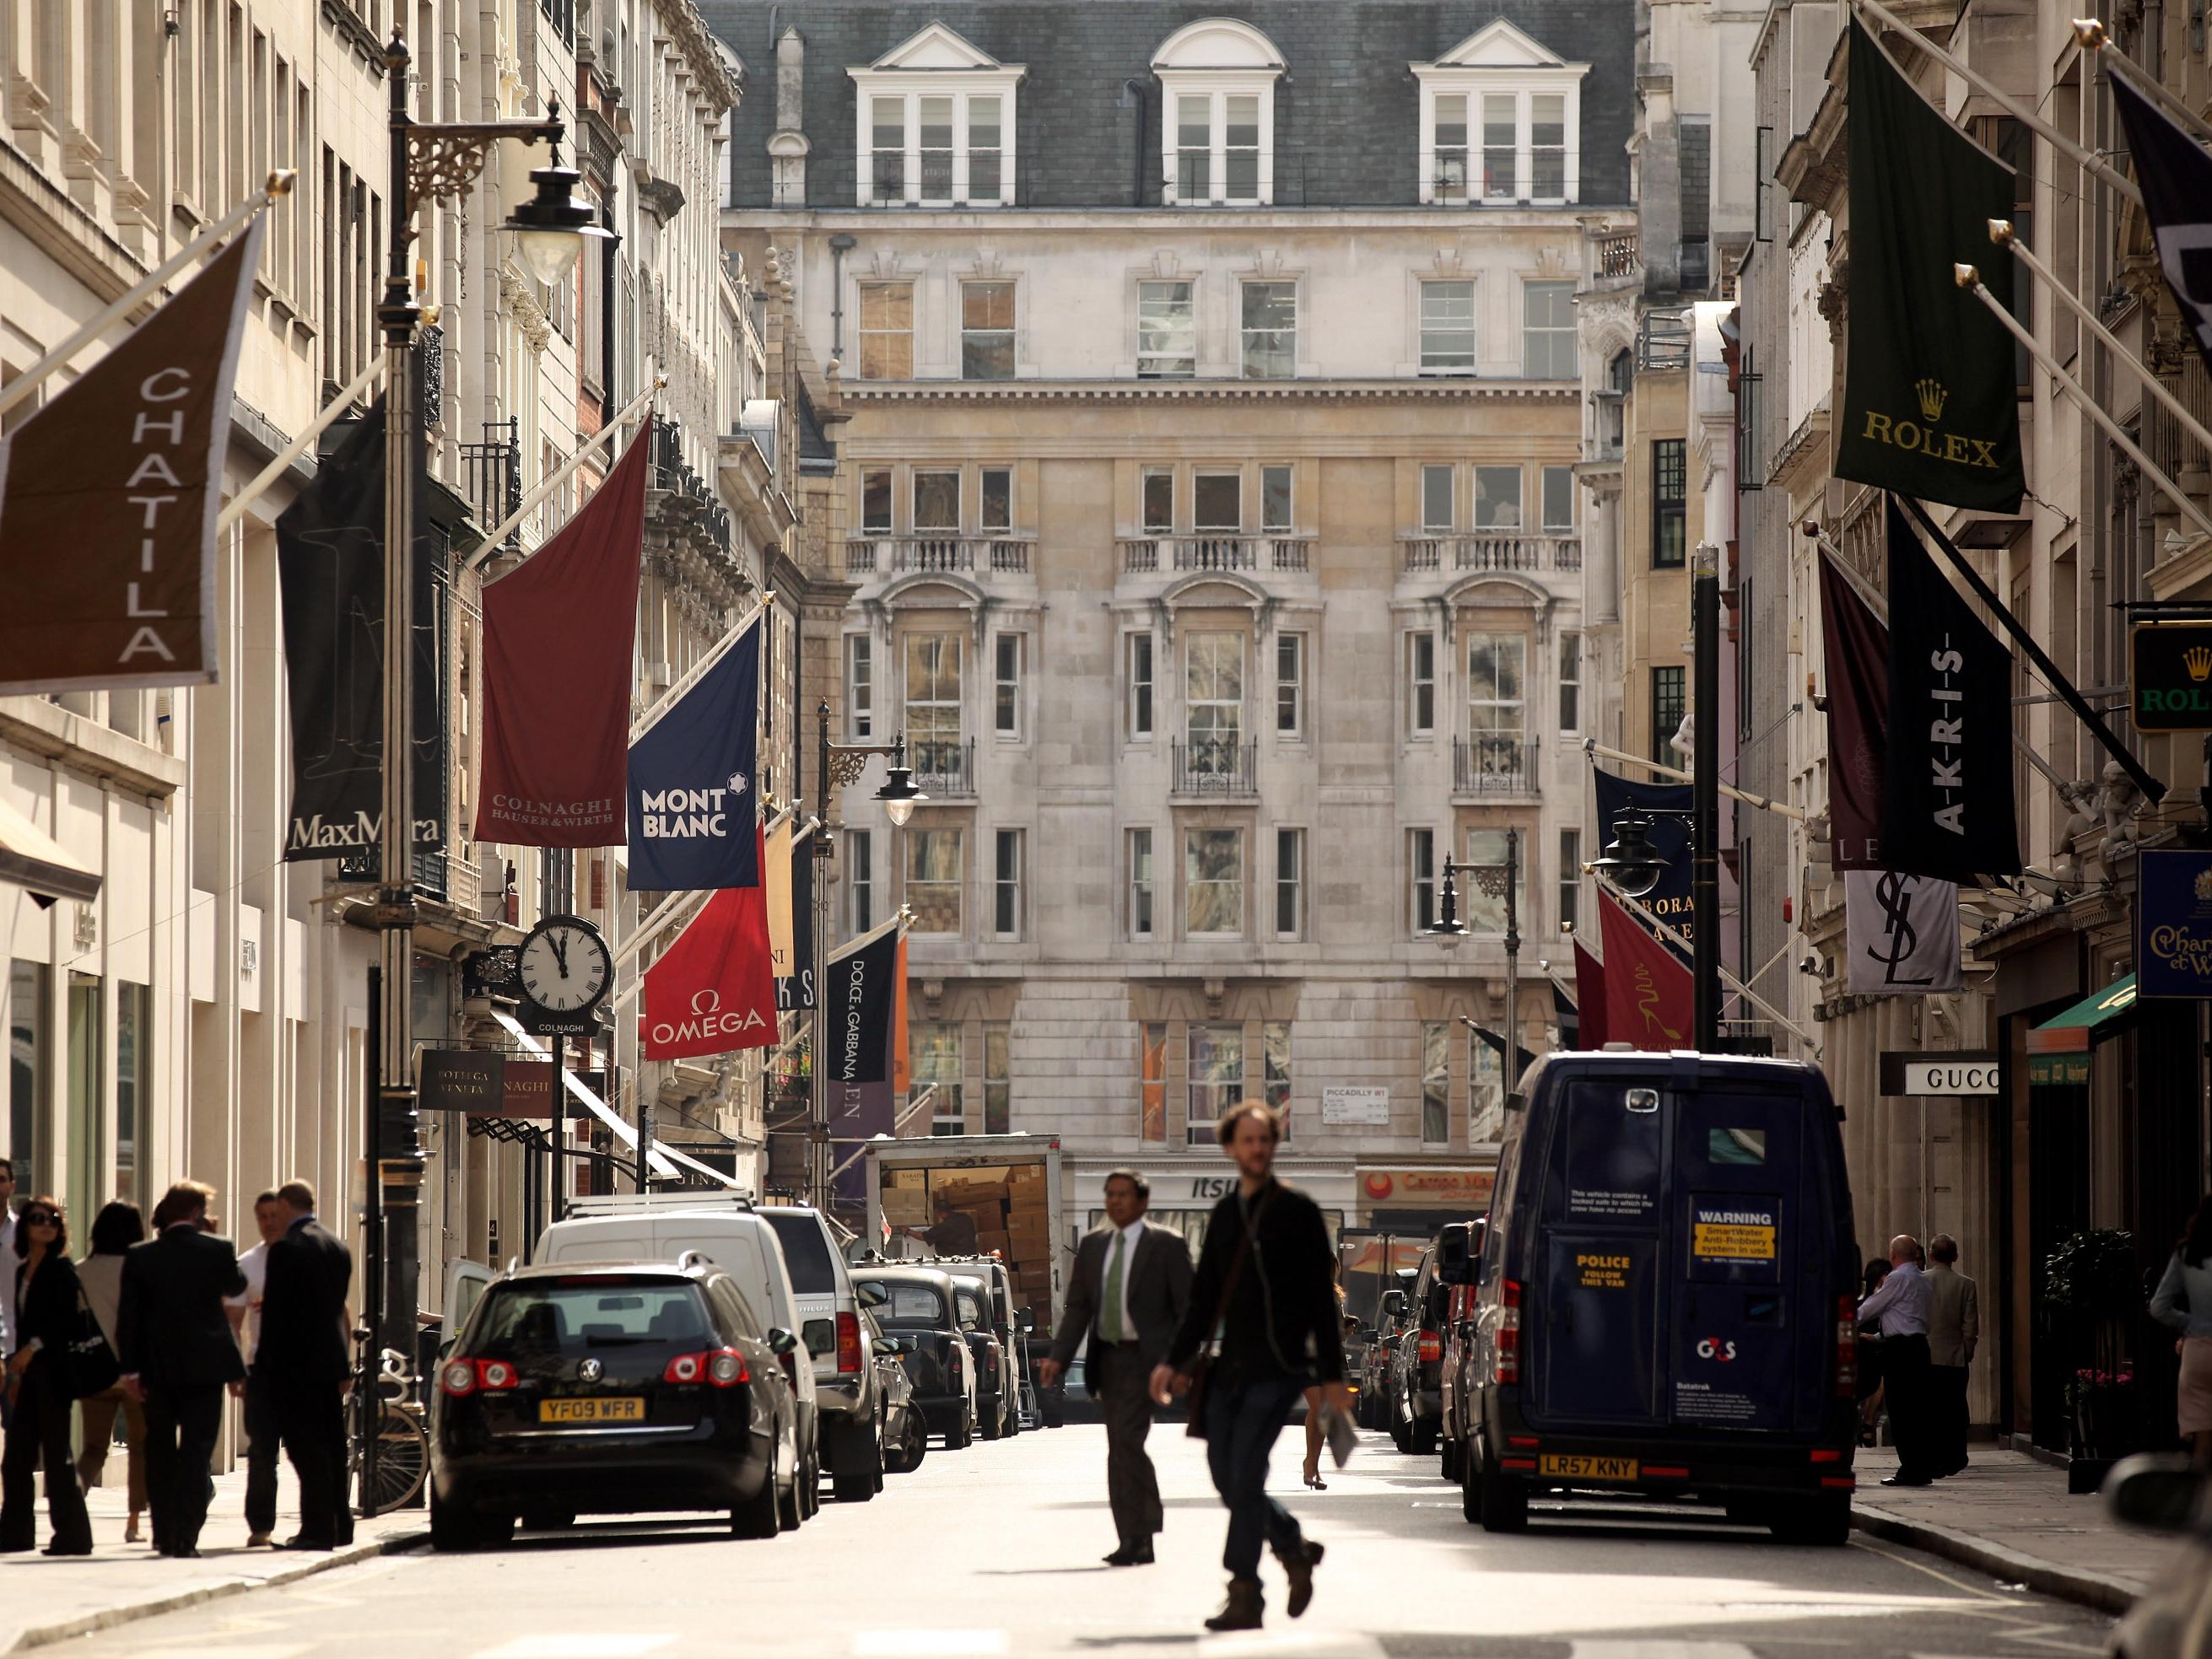 רחוב בונד, השדרה היוקרתית בלונדון (Getty)